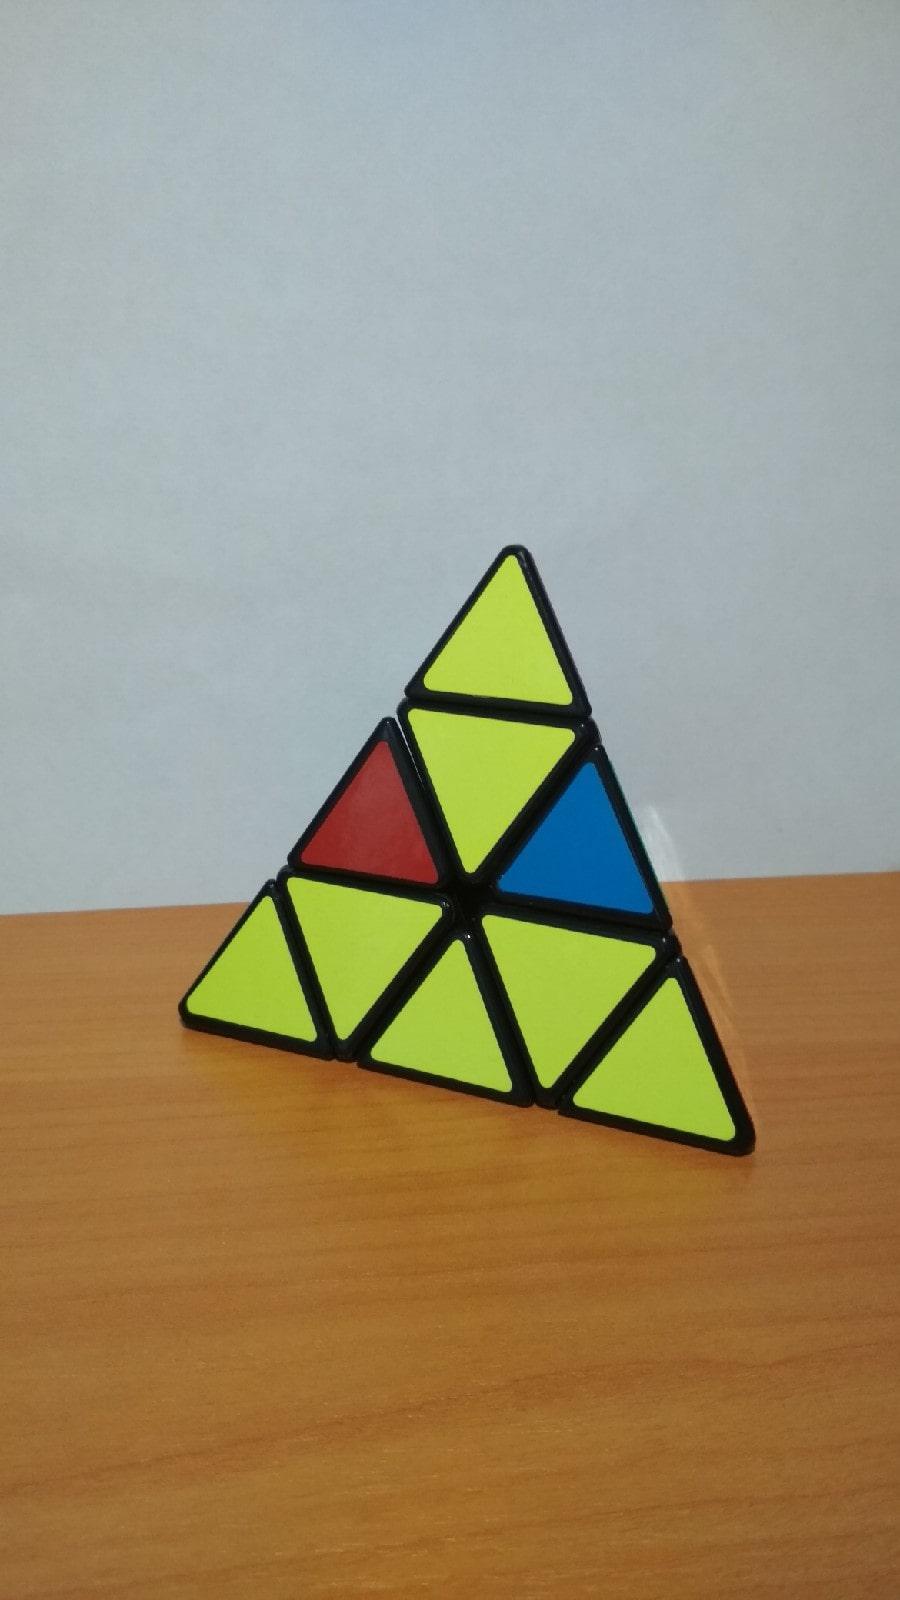 Способы сборки кубика Рубика тетраэдра